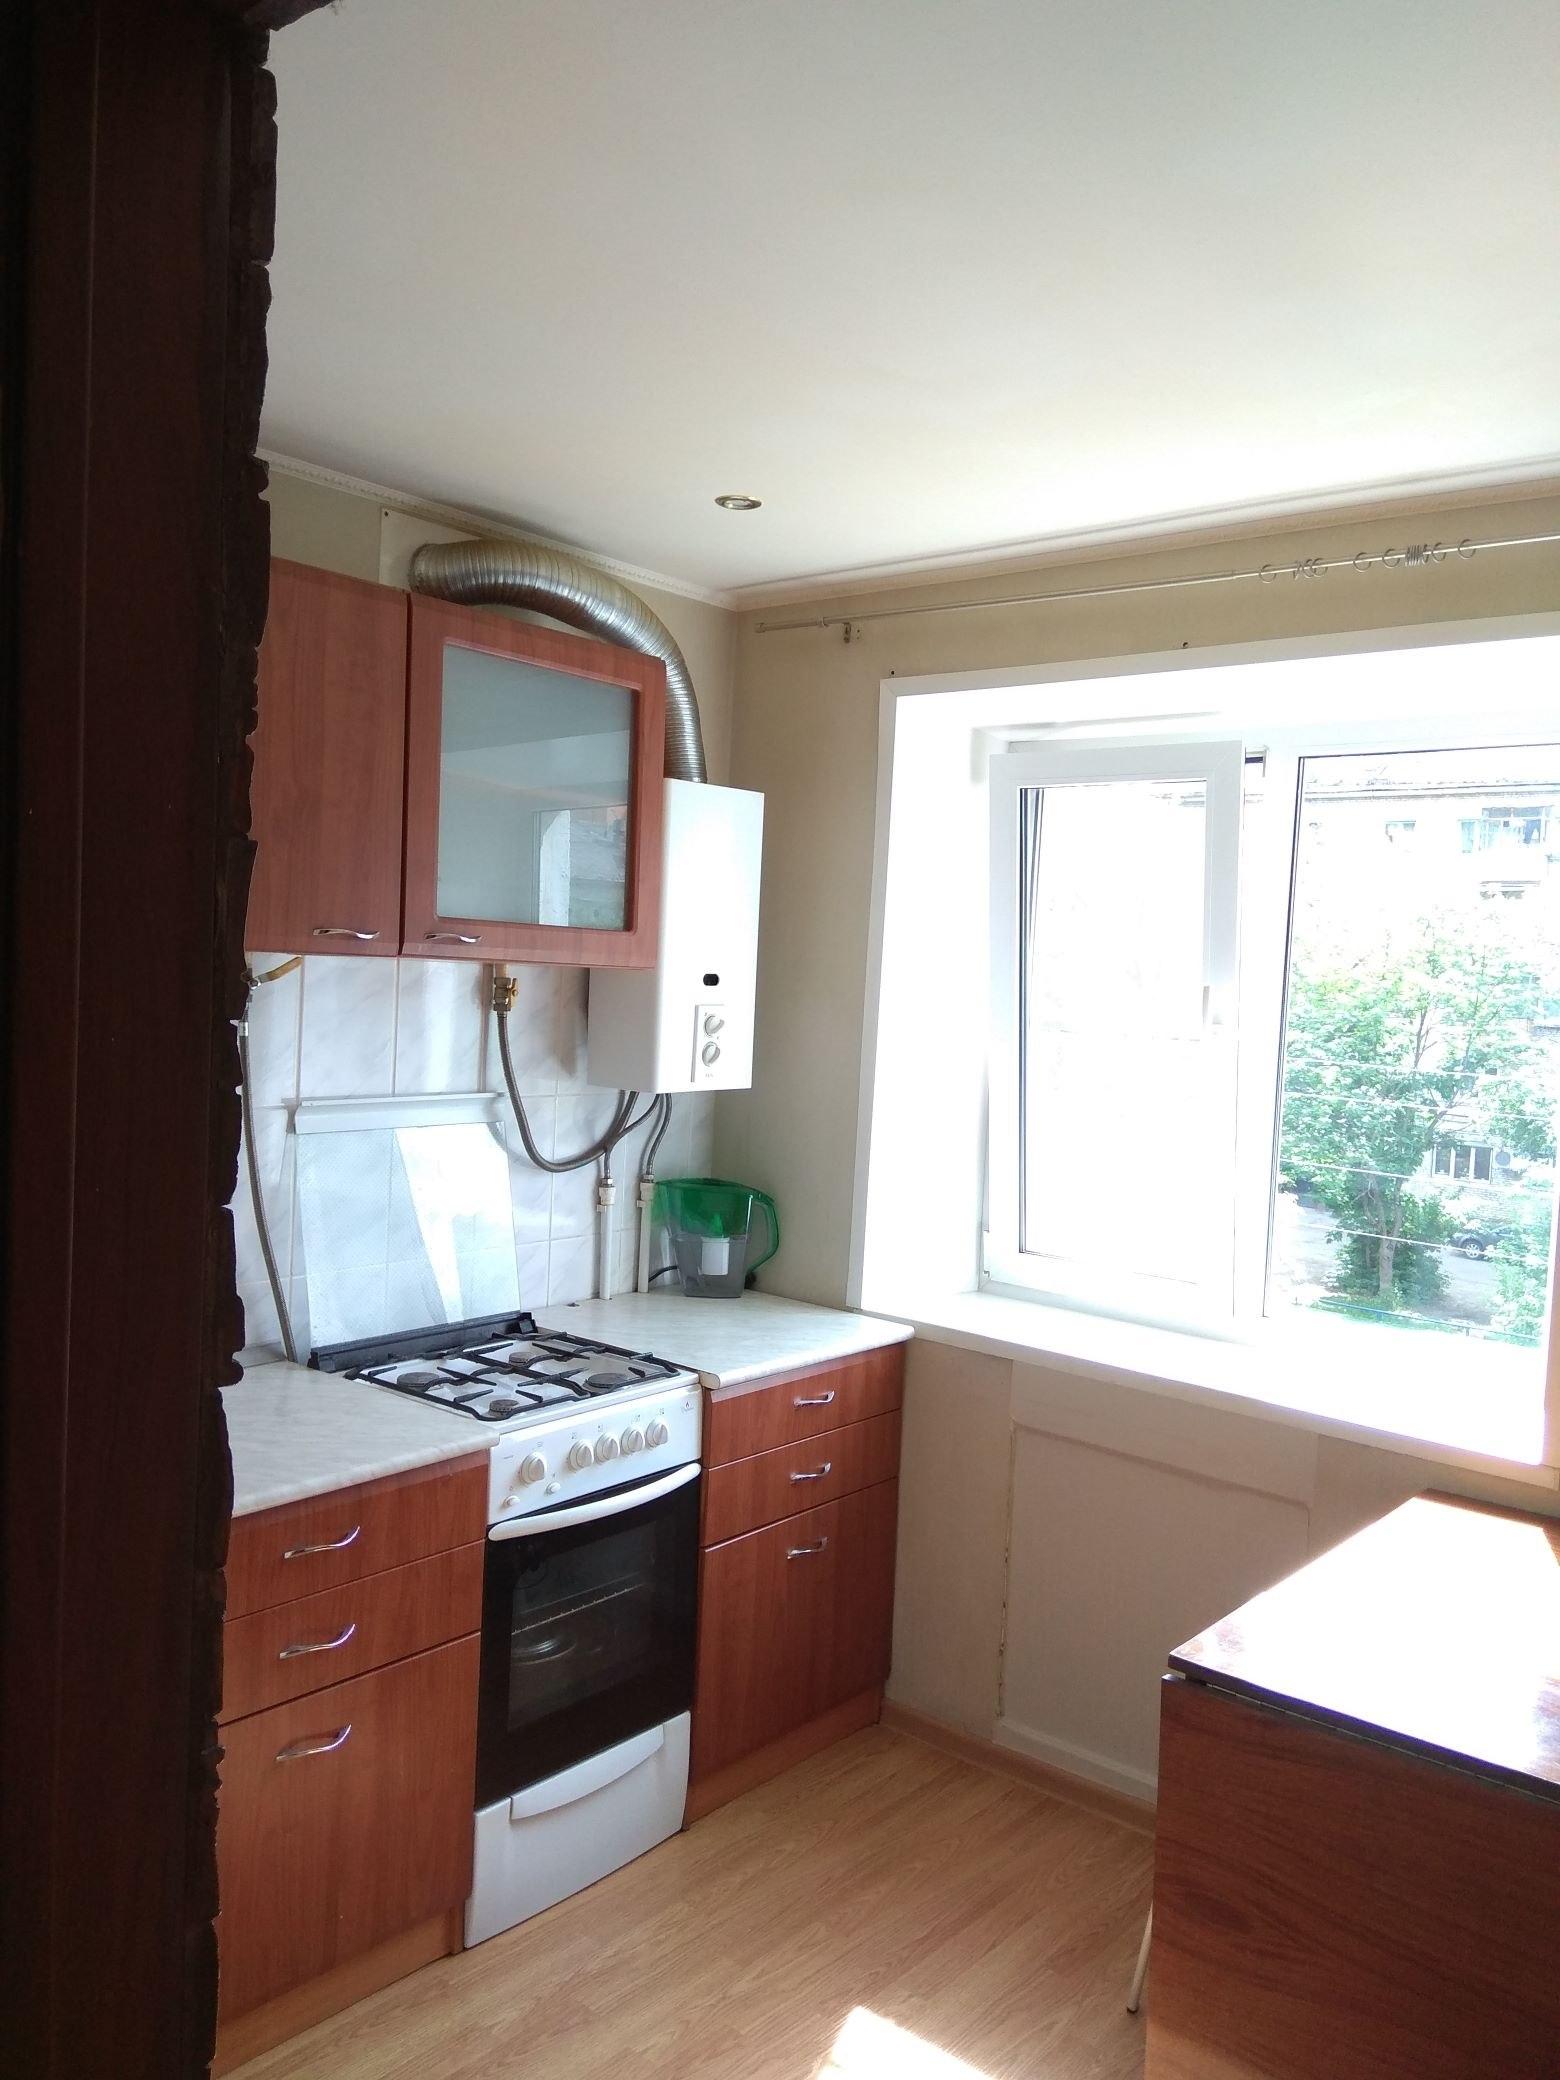 Продается однокомнатная квартира за 1 870 000 рублей. Московская обл, г Электросталь, пр-кт Ленина, д 15А.